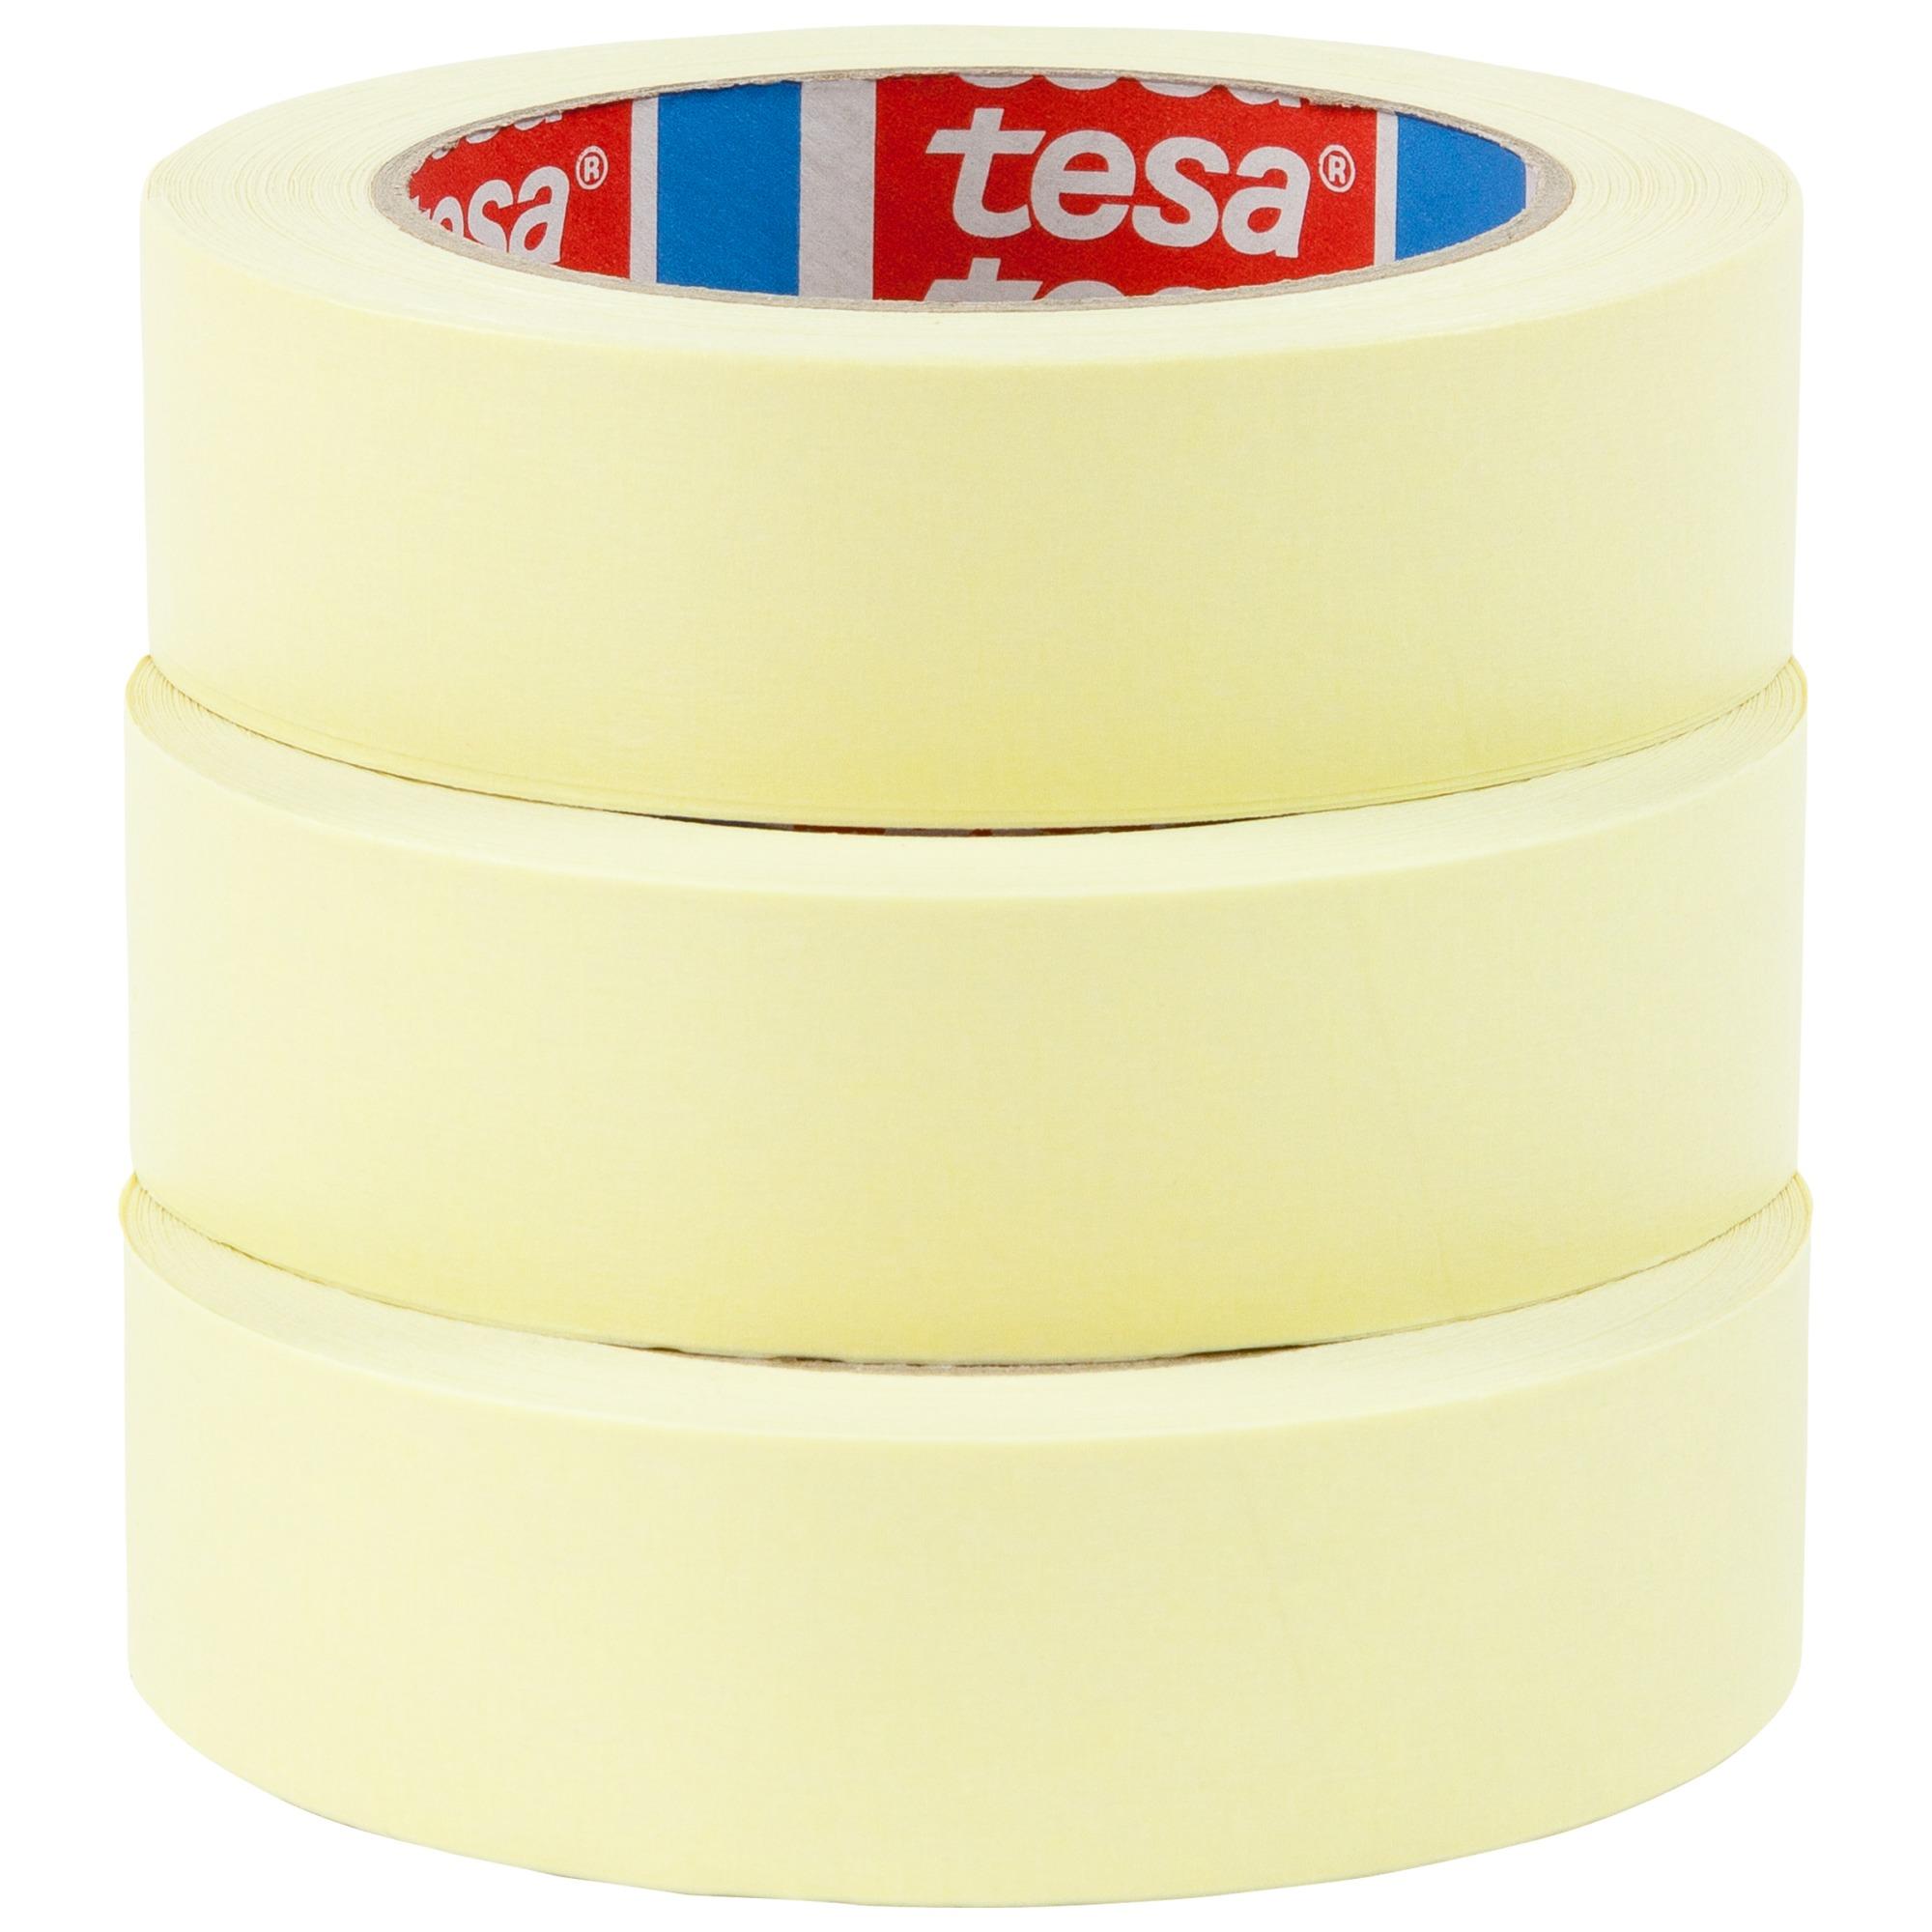 Tesa-tape universele set (l x b) 50 m x 30 mm Beige 55338 TESA Inhoud: 3 rollen